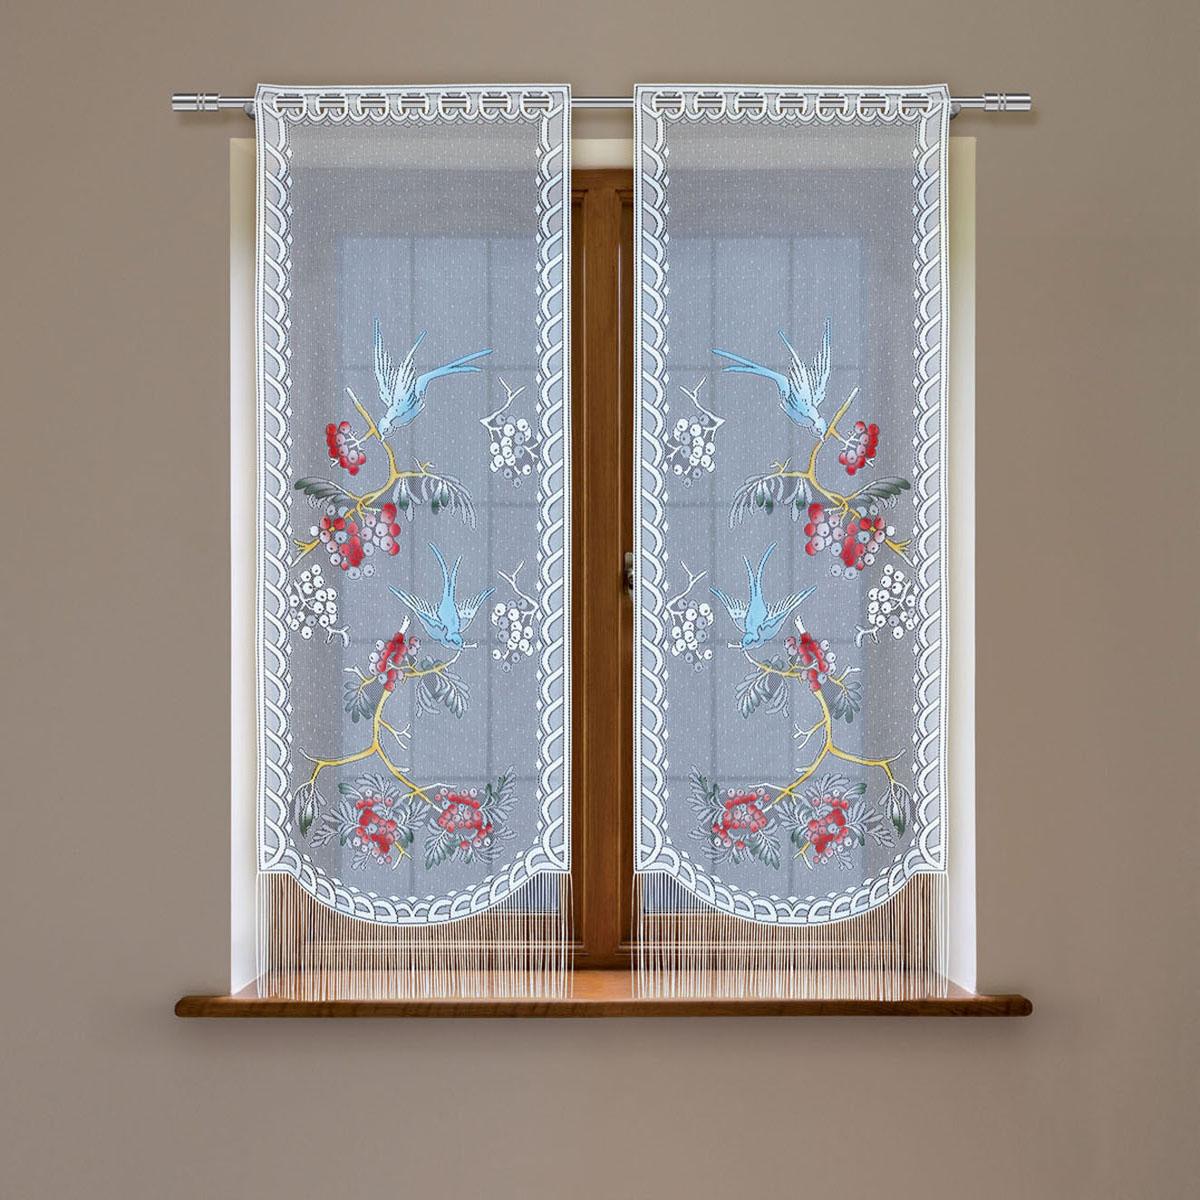 Гардина Haft, цвет: белый, высота 220 см. 5383Е/6010503Гардина имеет в верхней части полотна прорези, через которые гардина-витраж вывешивается на карниз или можно крепить на зажим для штор,котрый в комплект не входит.Комплект состоит из двух полотен (выс.220* шир.60) Размеры: (высота 220* ширина 60)*2